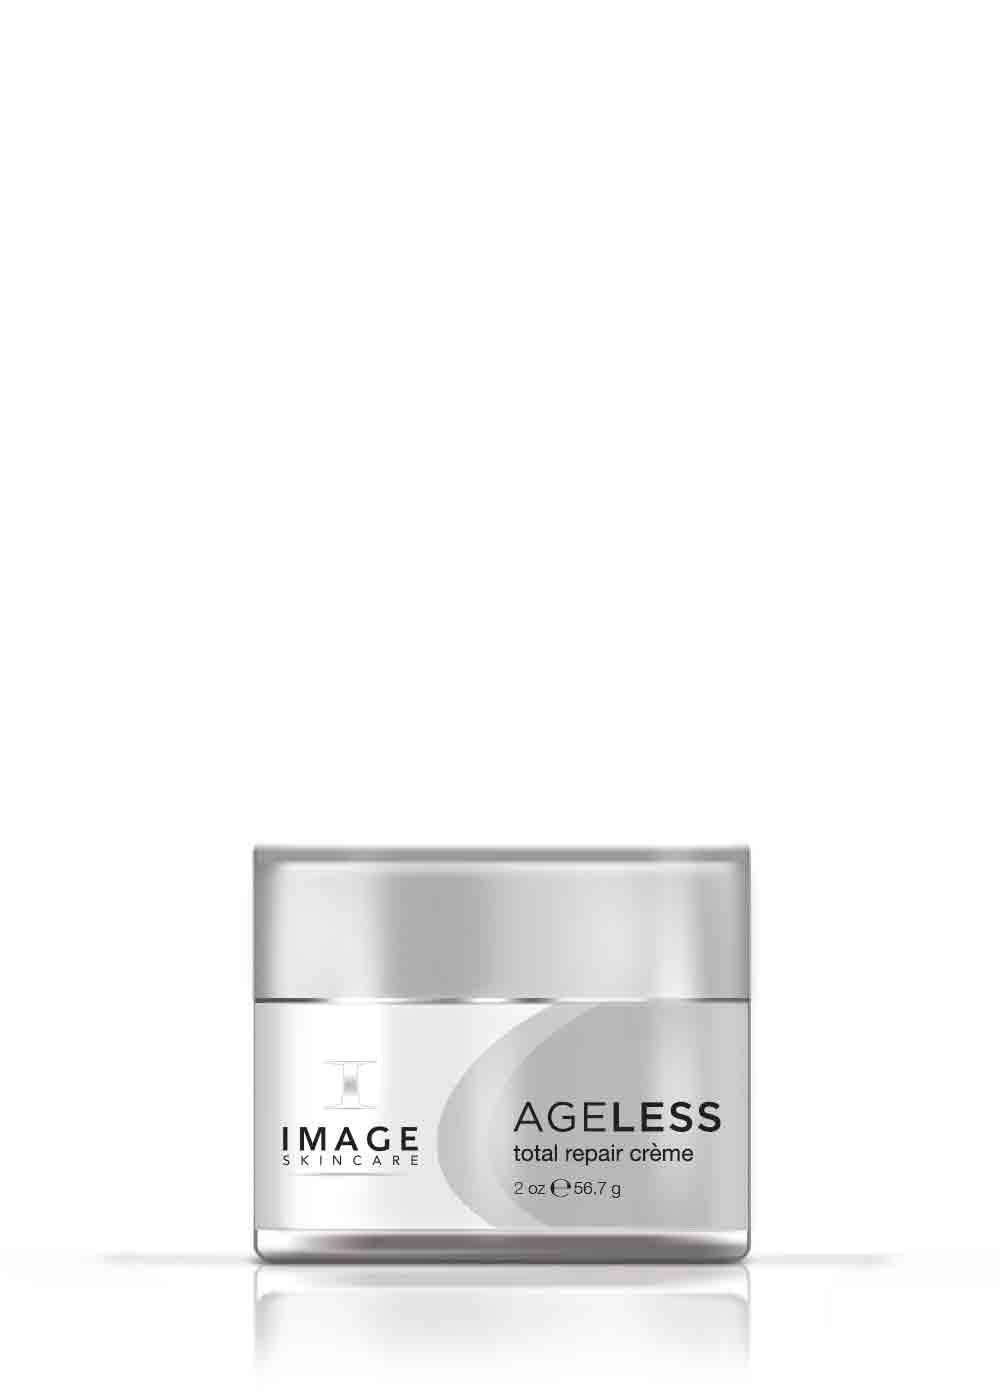 AGELESS total repair crème crème réparation totale